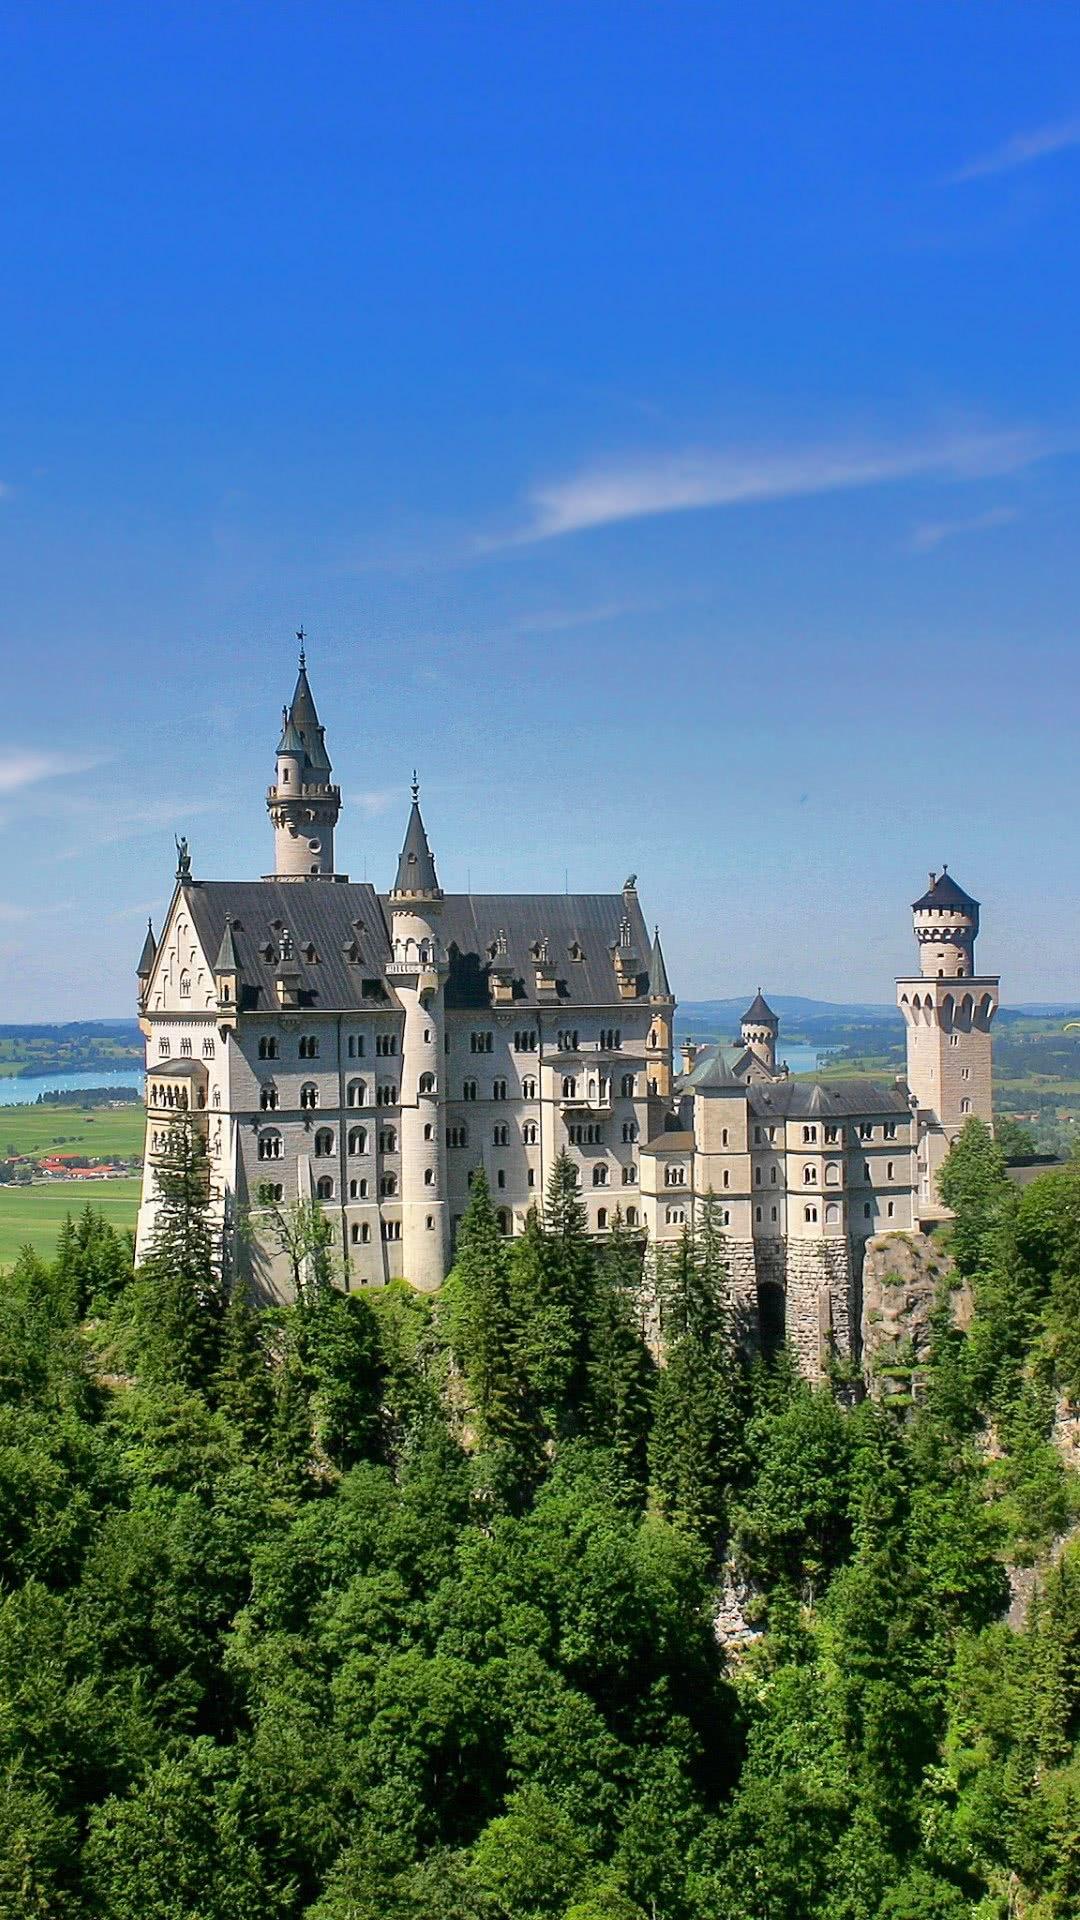 neuschwanstein castle scenicwallpaperphonewallpaper